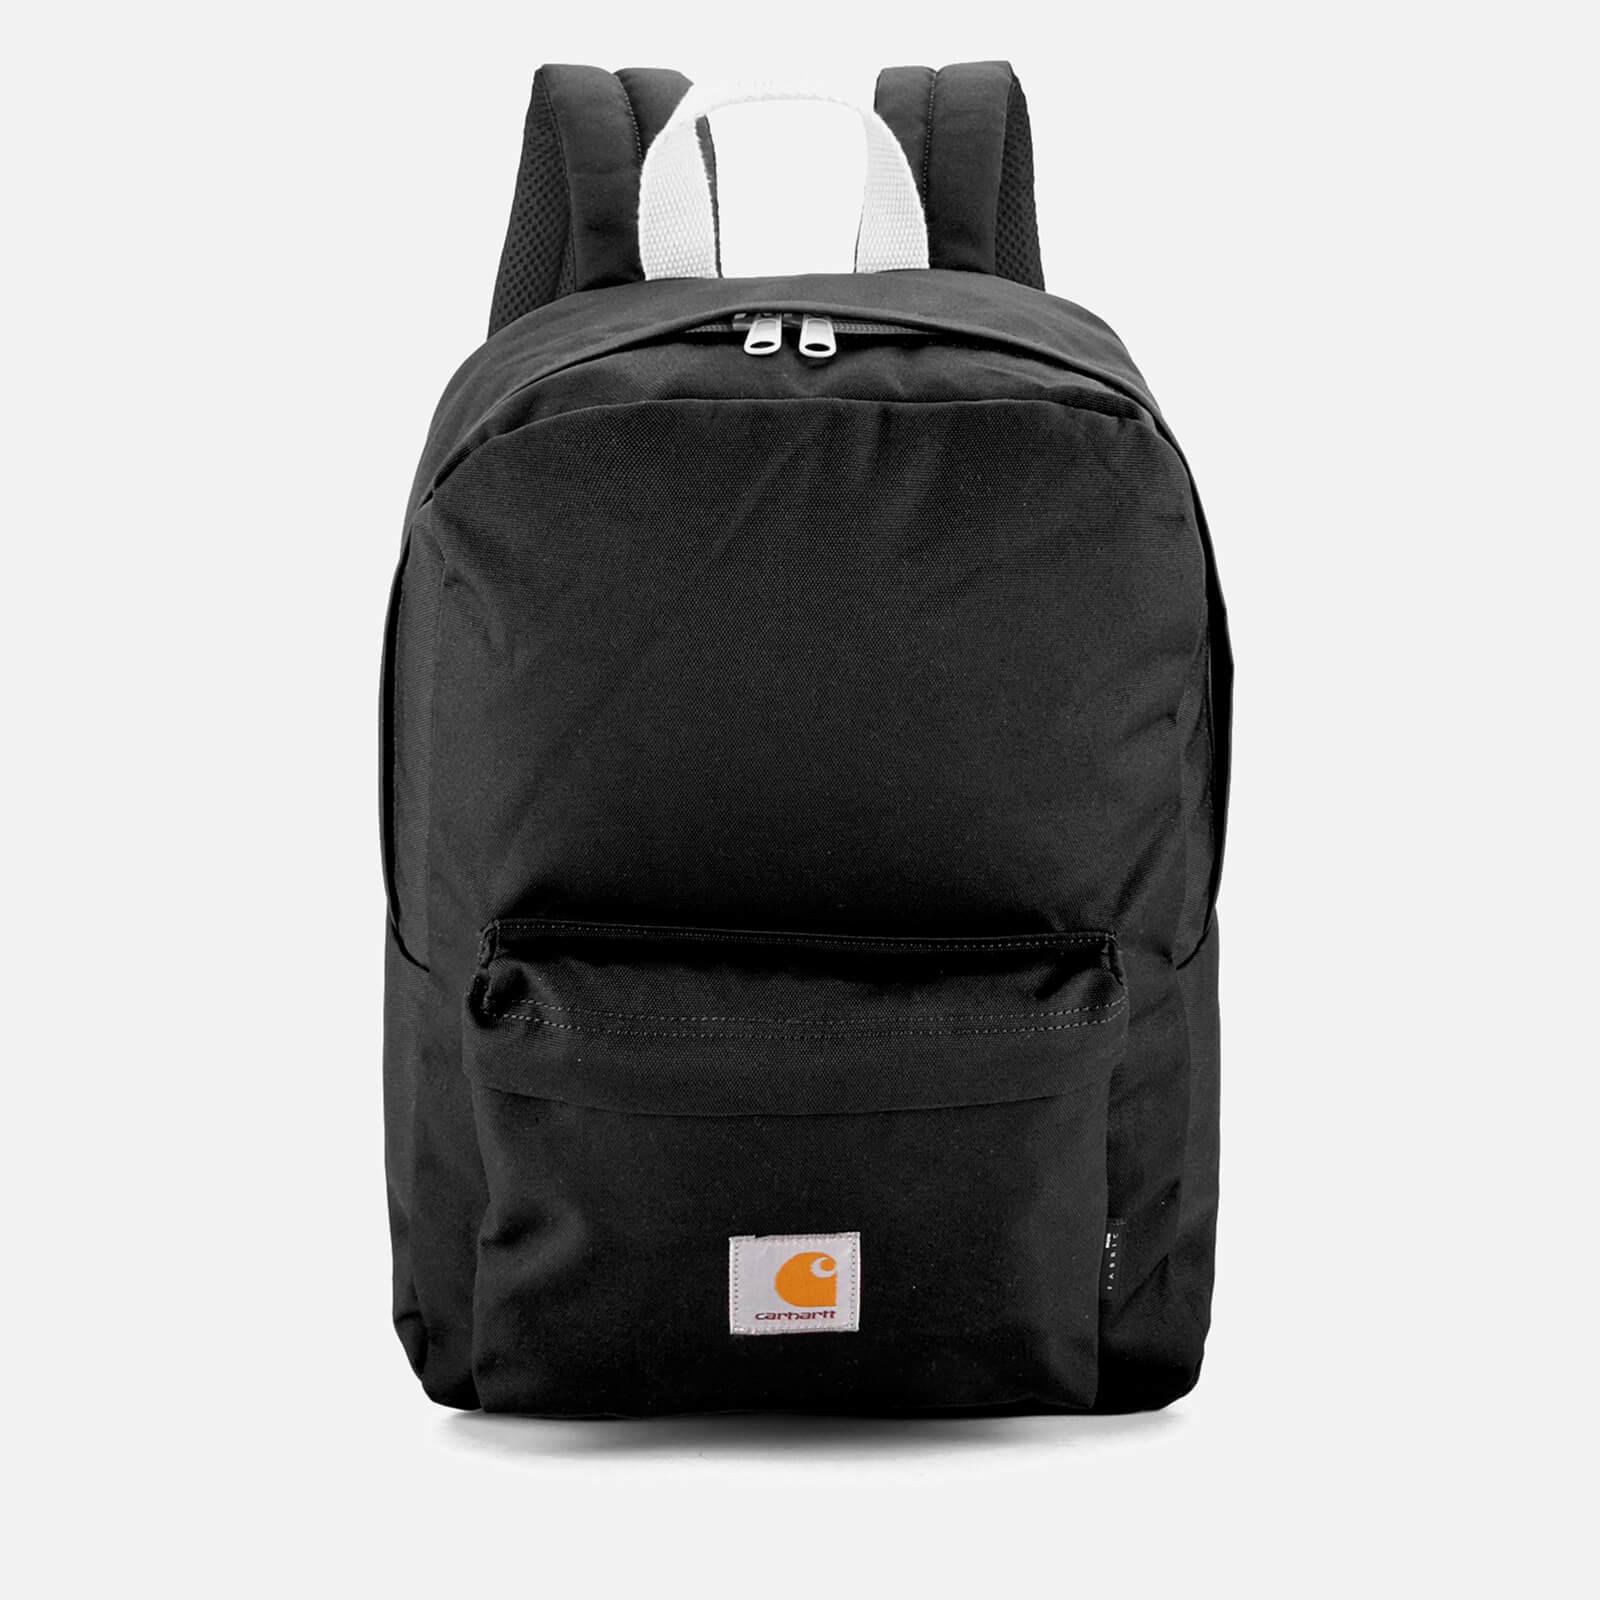 Carhartt Men s Watch Backpack - Black Carhartt Men s Watch Backpack - Black